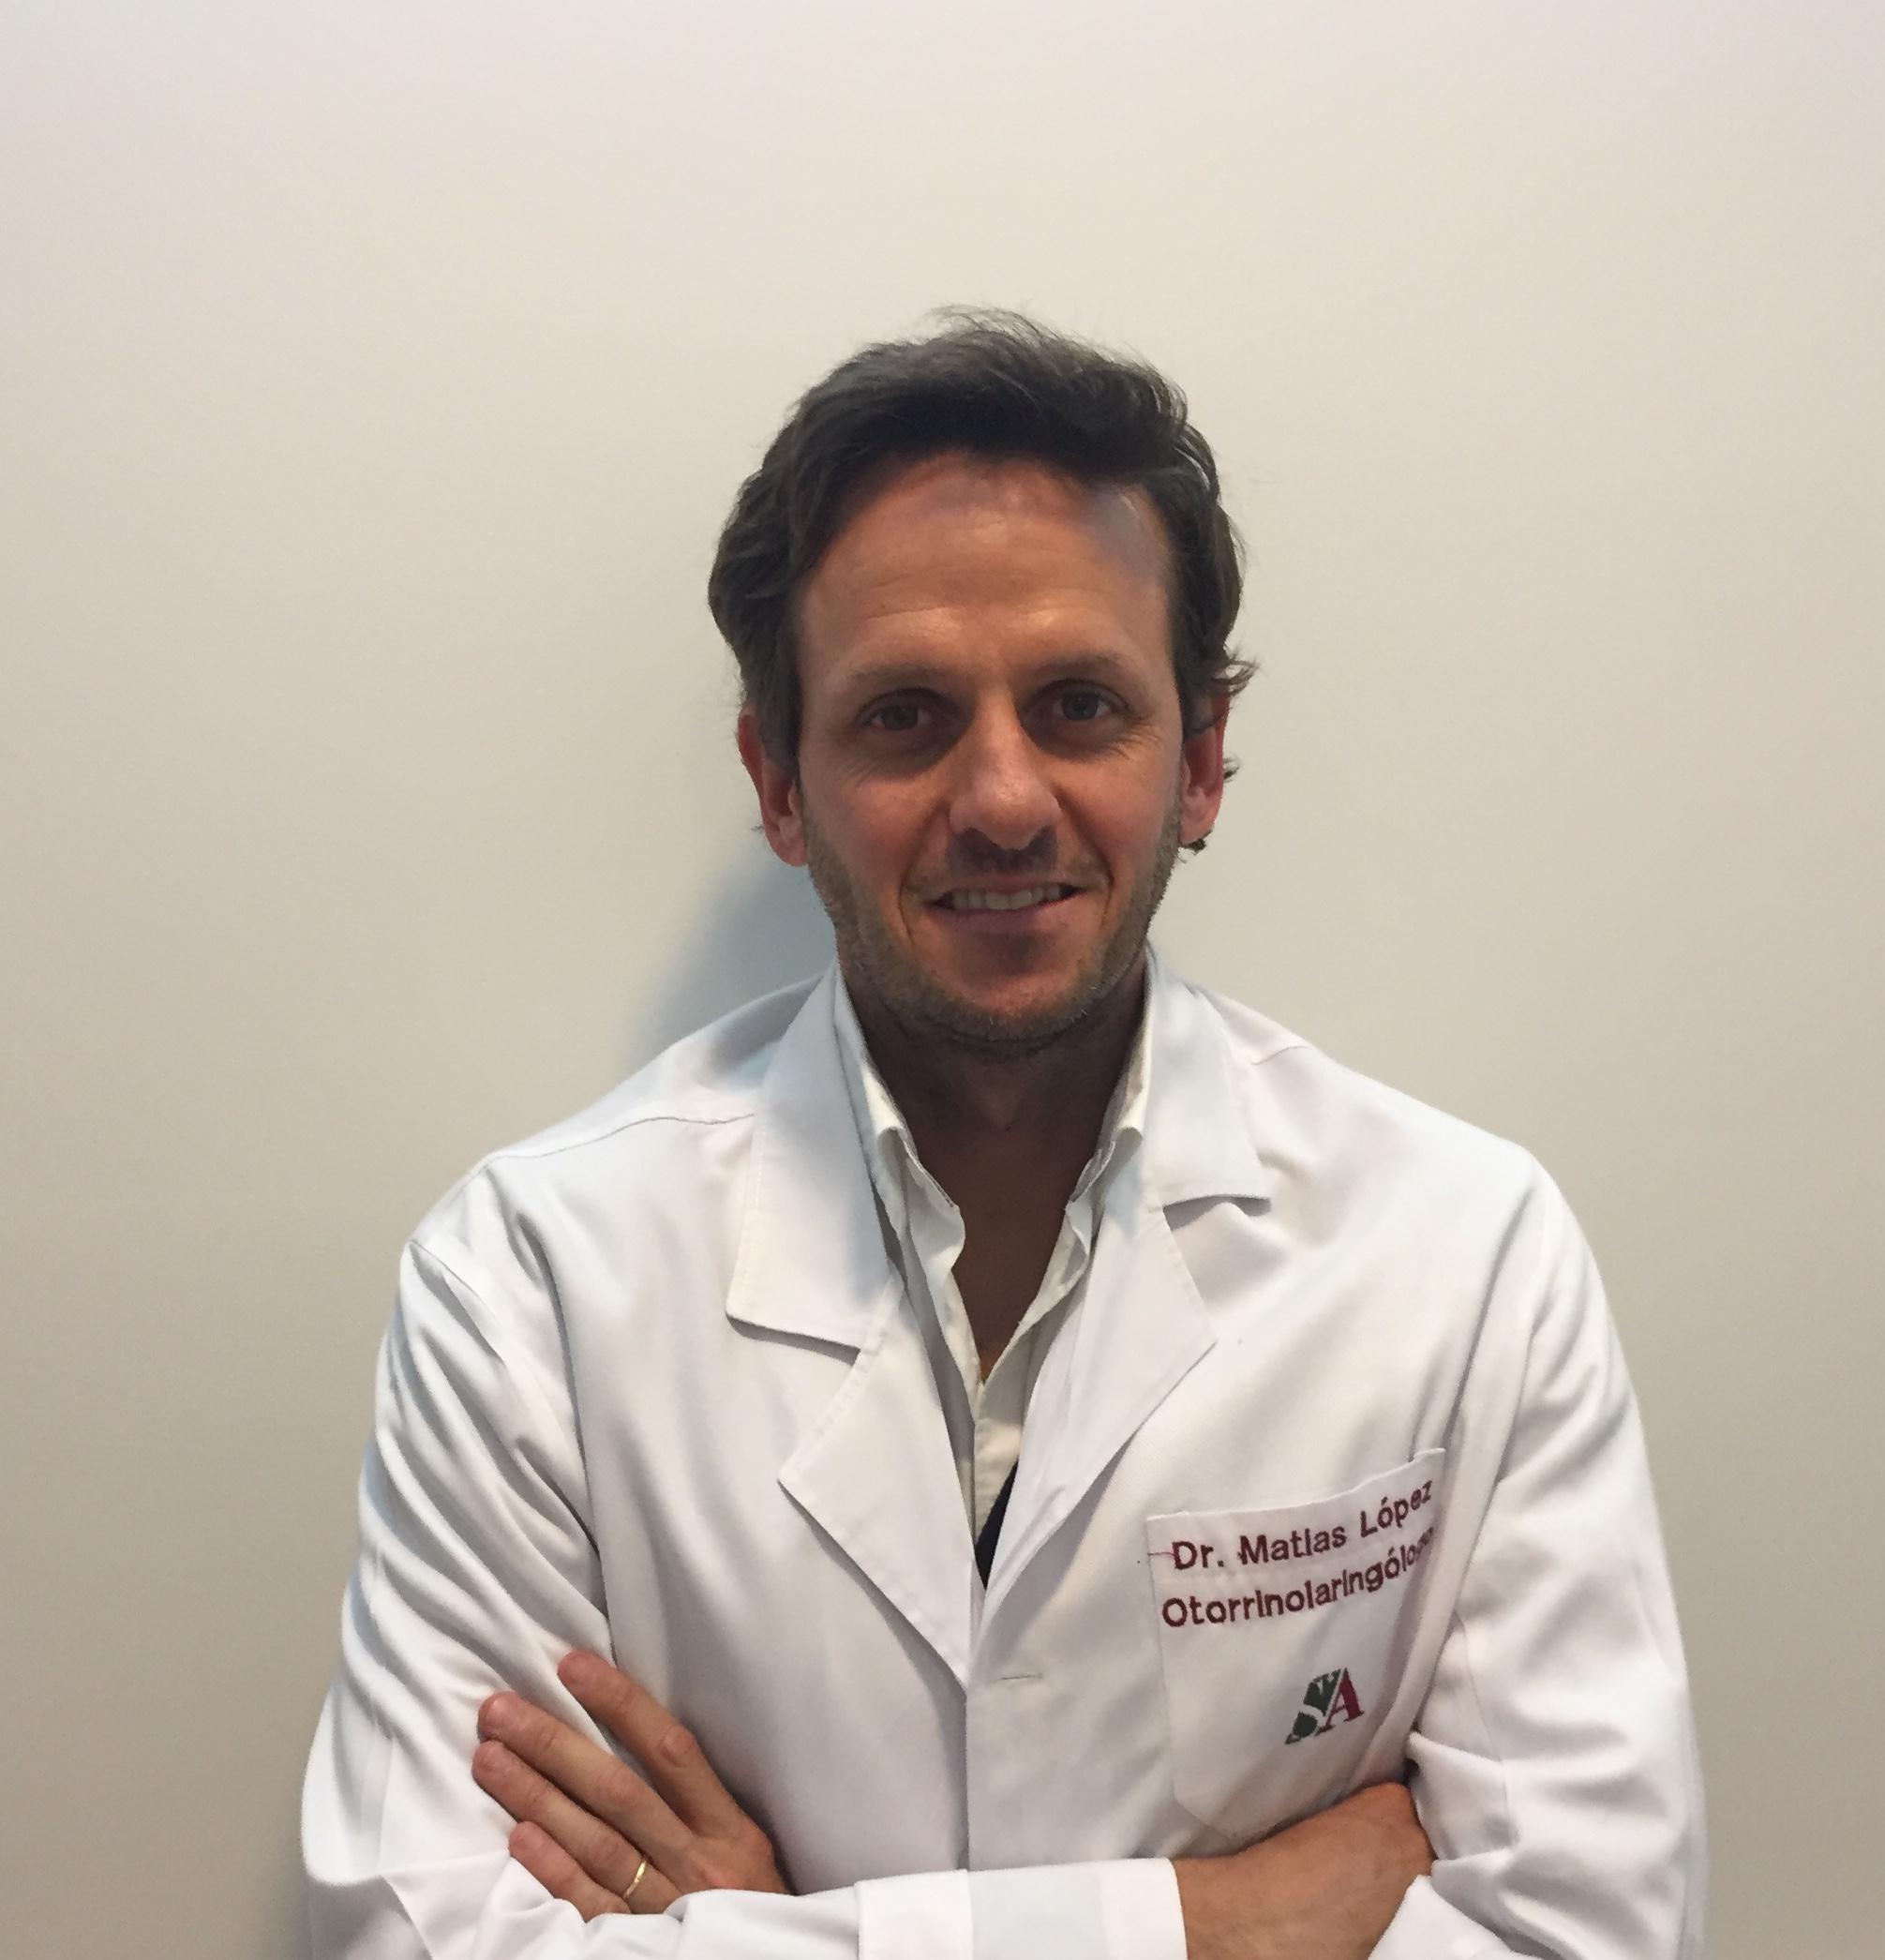 Dr. López Matías